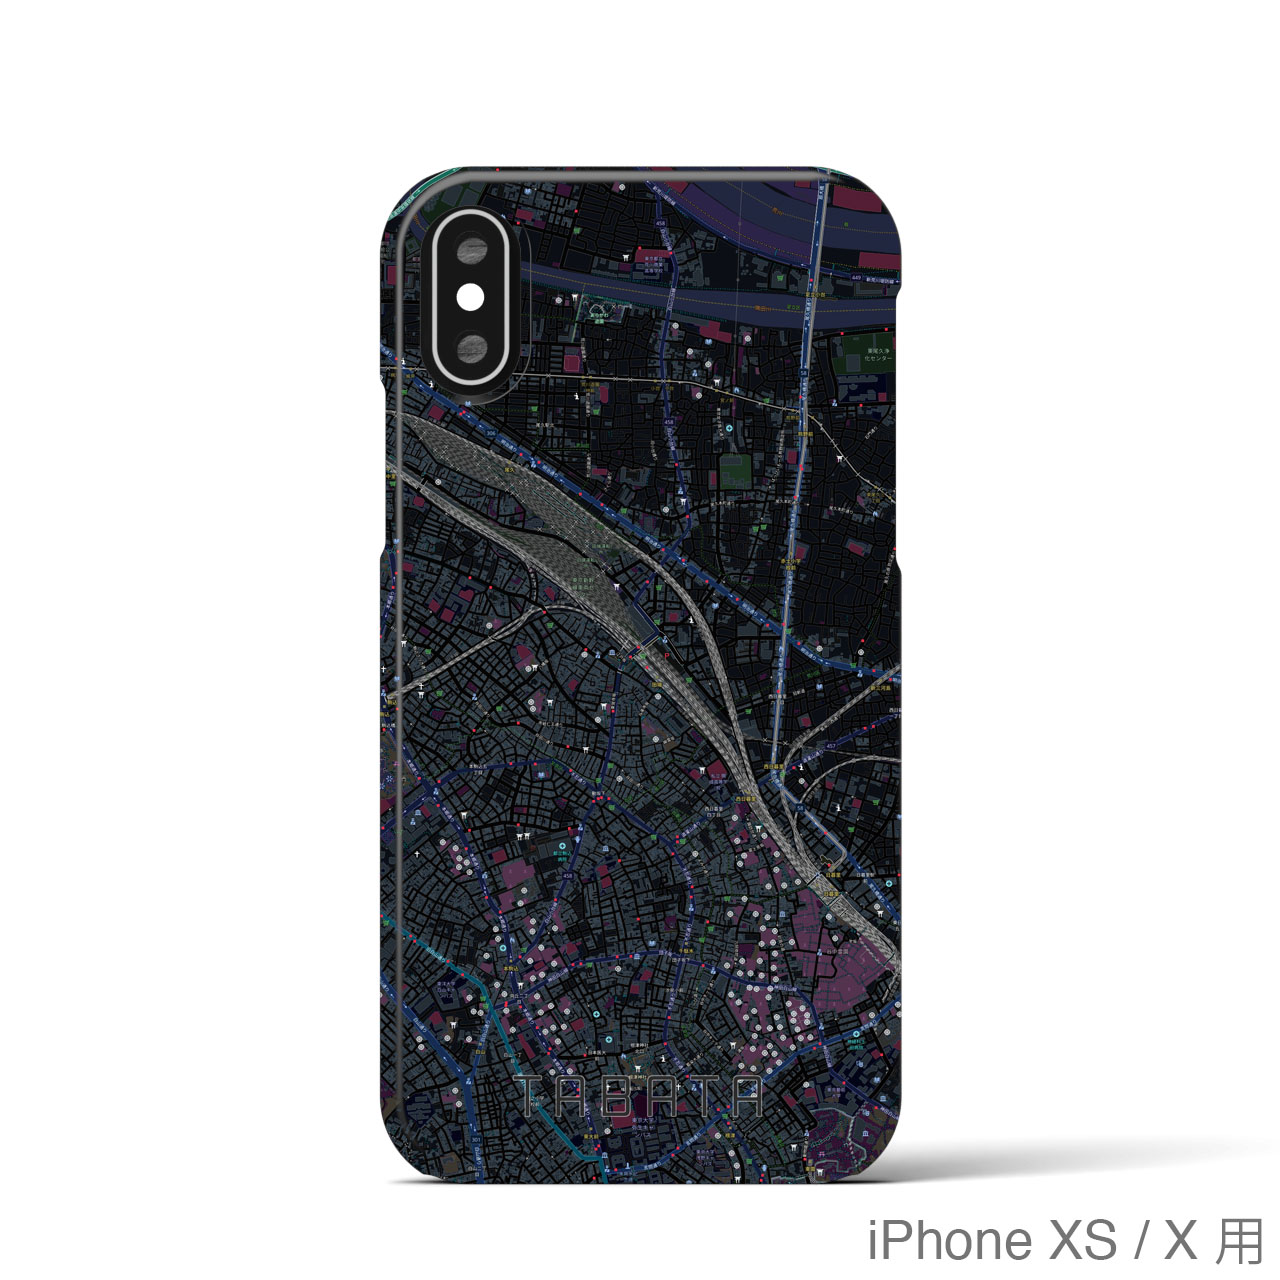 【田端】地図柄iPhoneケース(バックカバータイプ・ブラック)